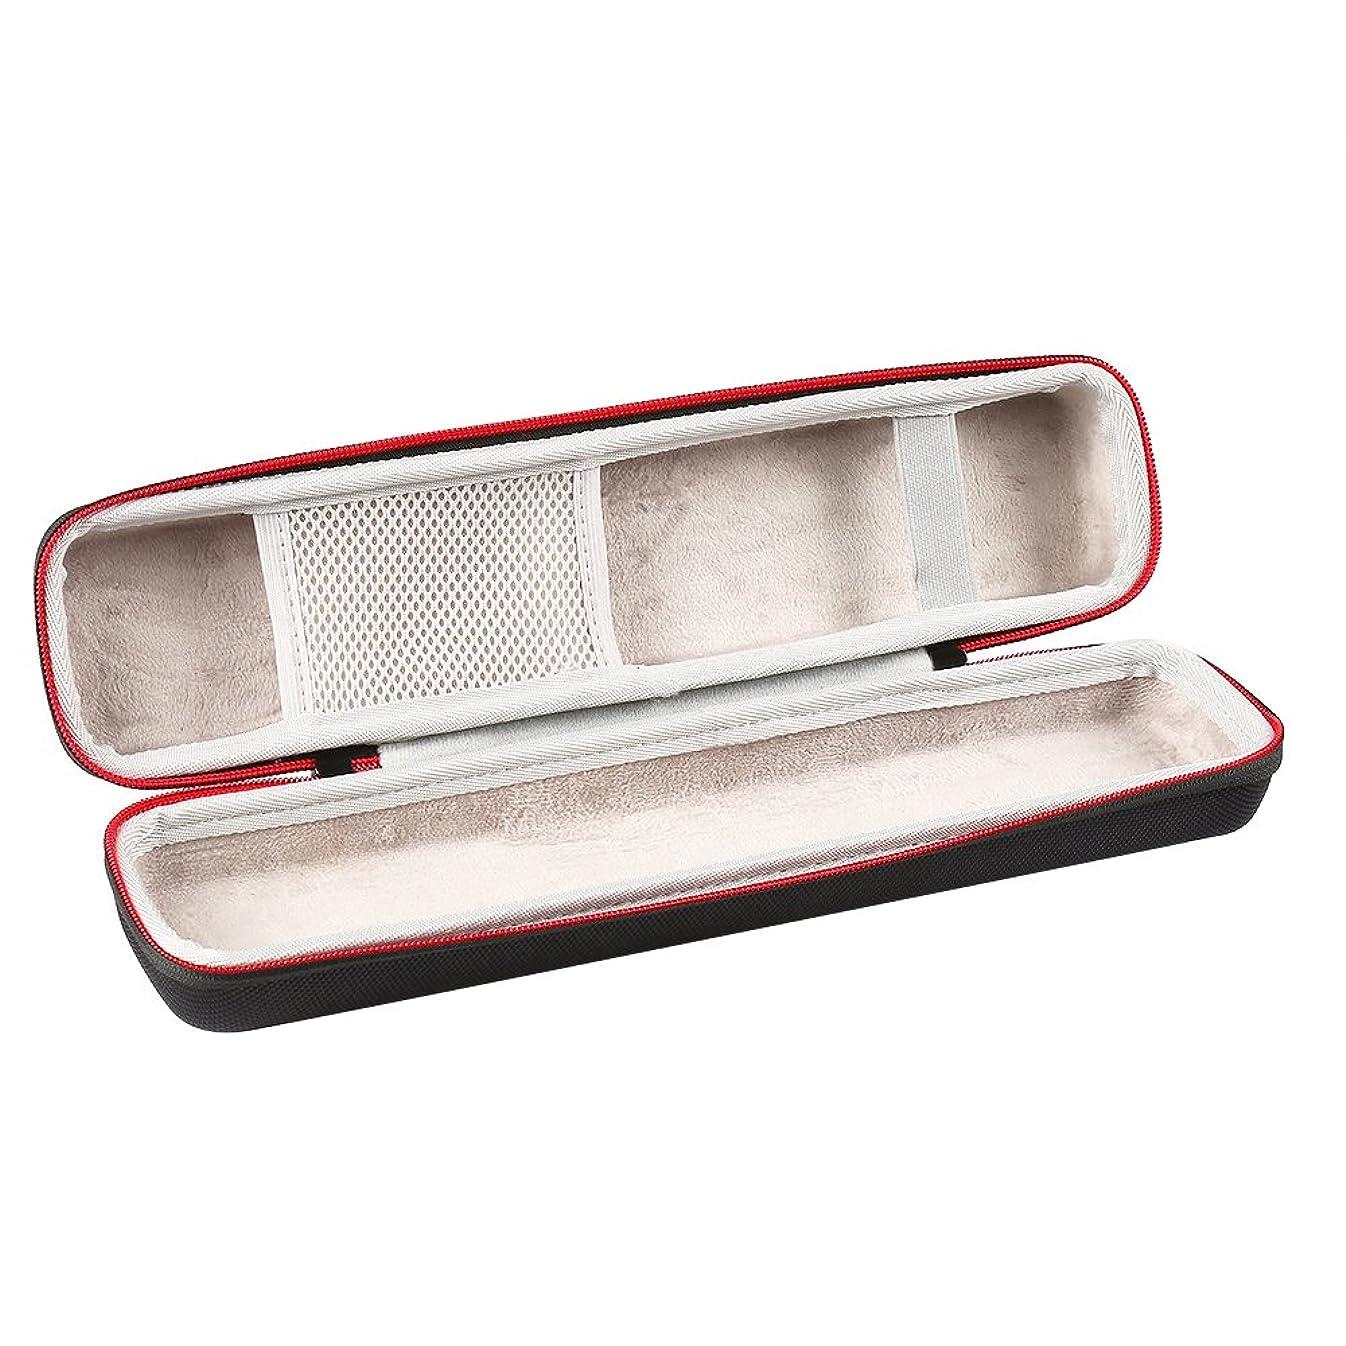 ギャングスター頑張る普通にヘアアイロンケース 専用ポーチ 収納カバー 多数類ヘアアイロン収納可能メッシポケット付き (ブラック)